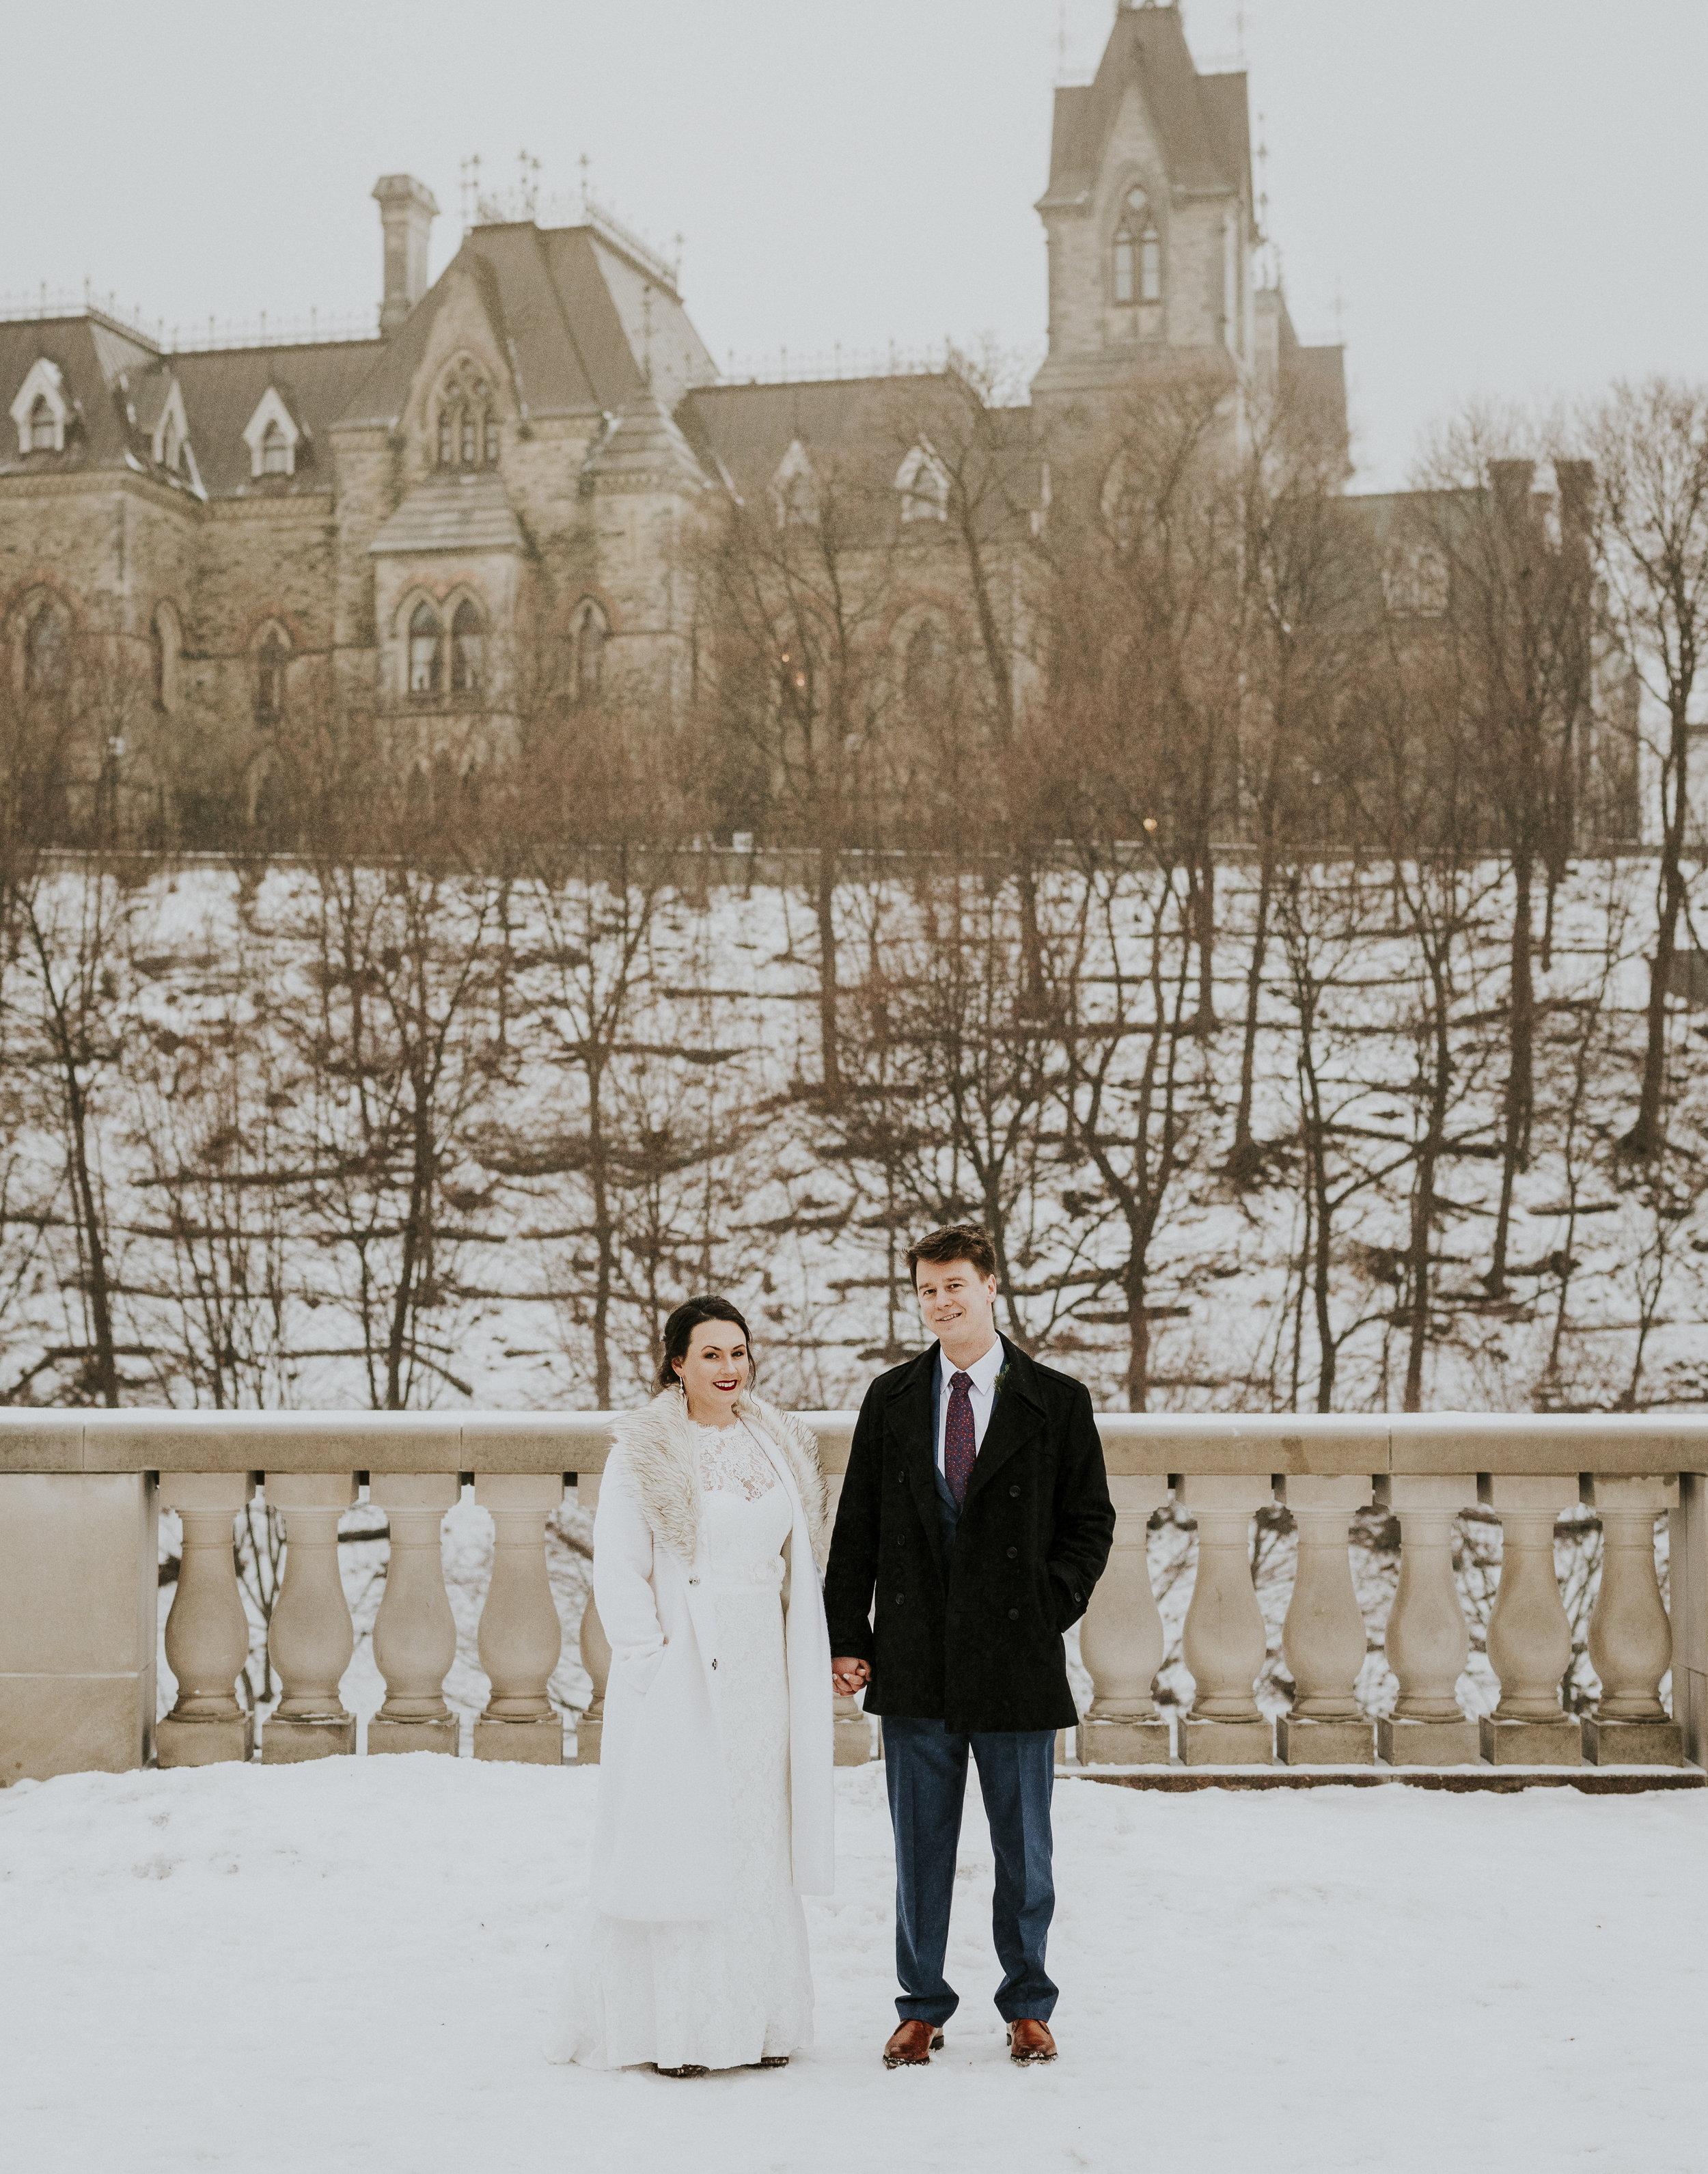 001_Bride + Groom Portraits-036.jpg